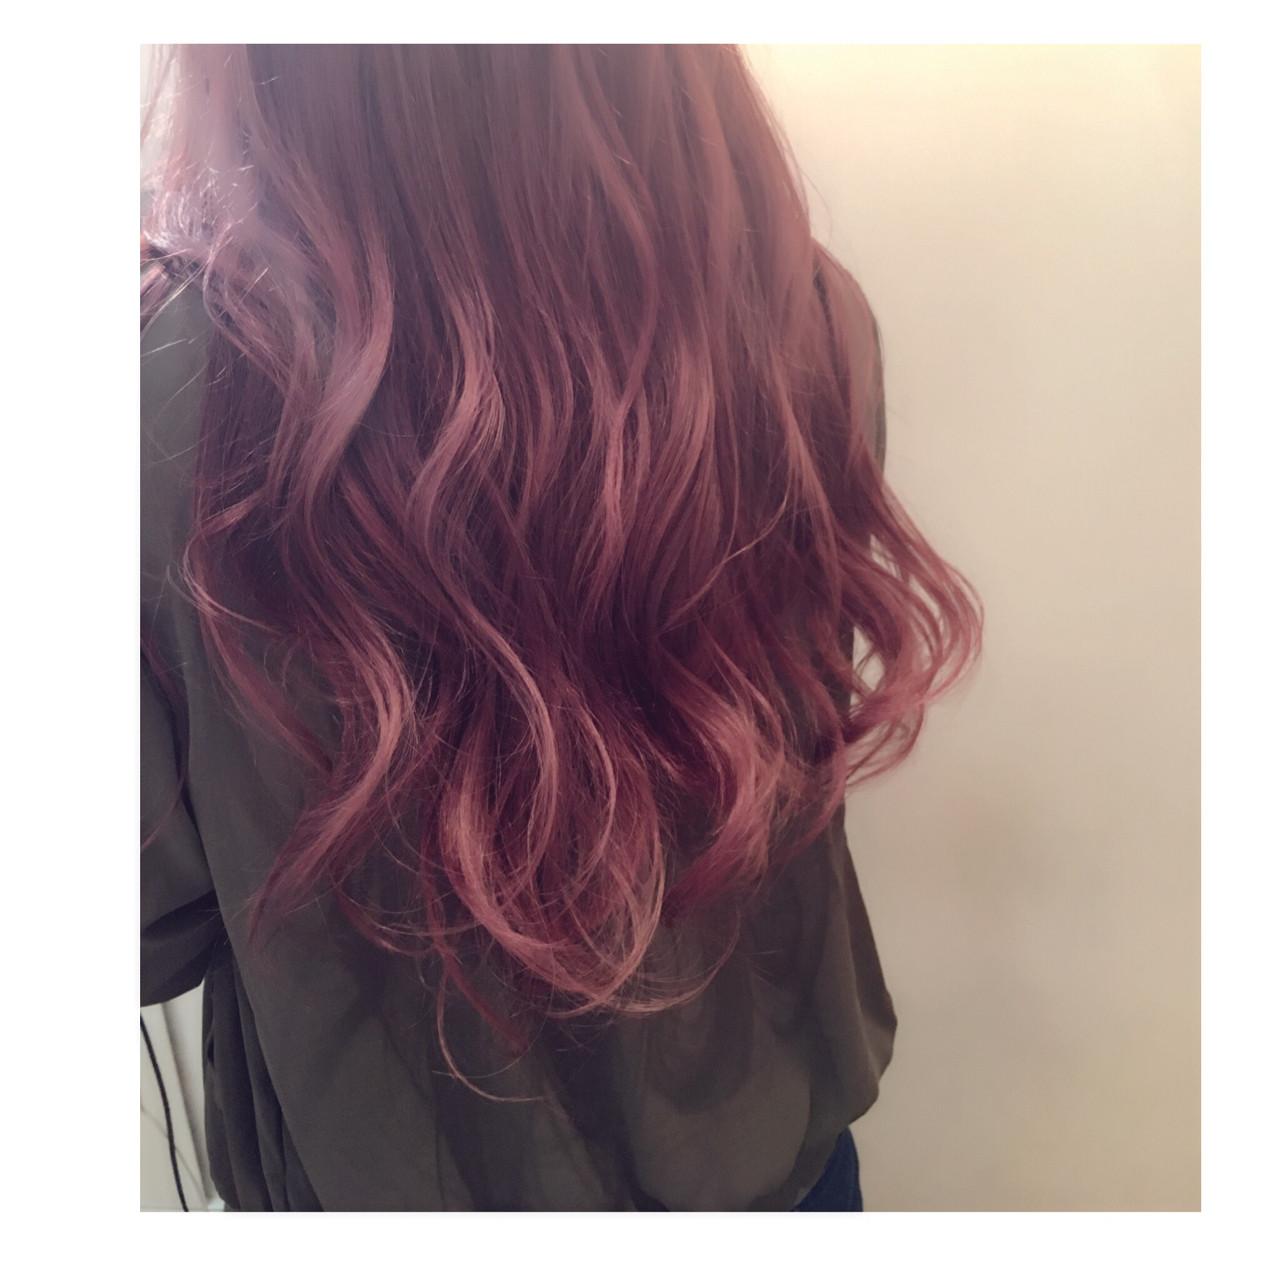 グラデーションカラー ストリート ピンク ラベンダーピンク ヘアスタイルや髪型の写真・画像